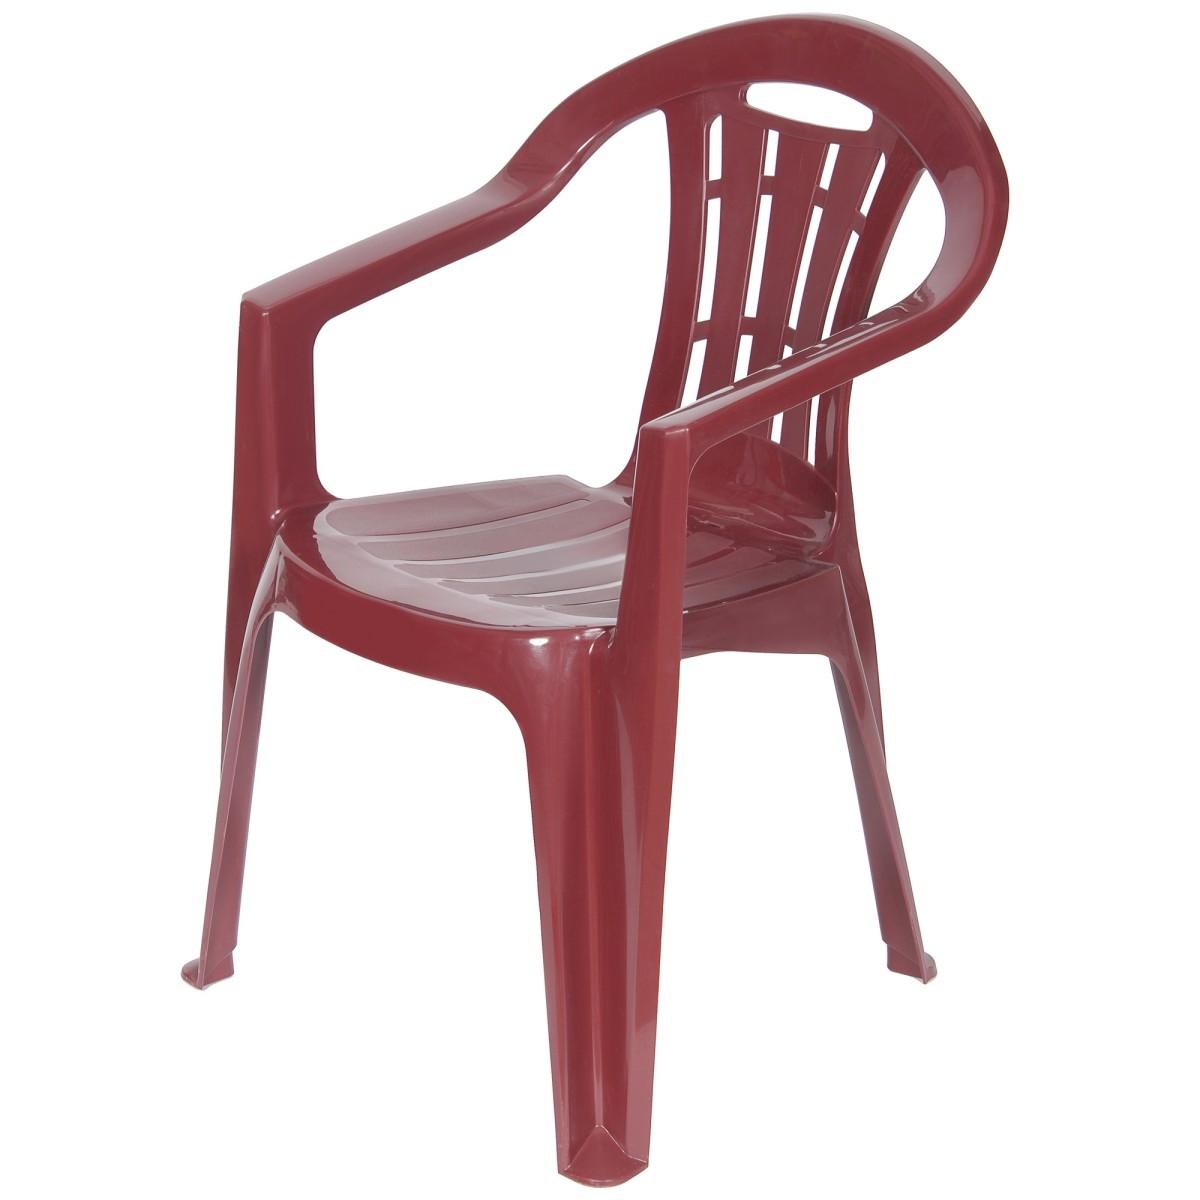 Кресло садовое Майорка 560x790x580 мм пластик цвет бордо